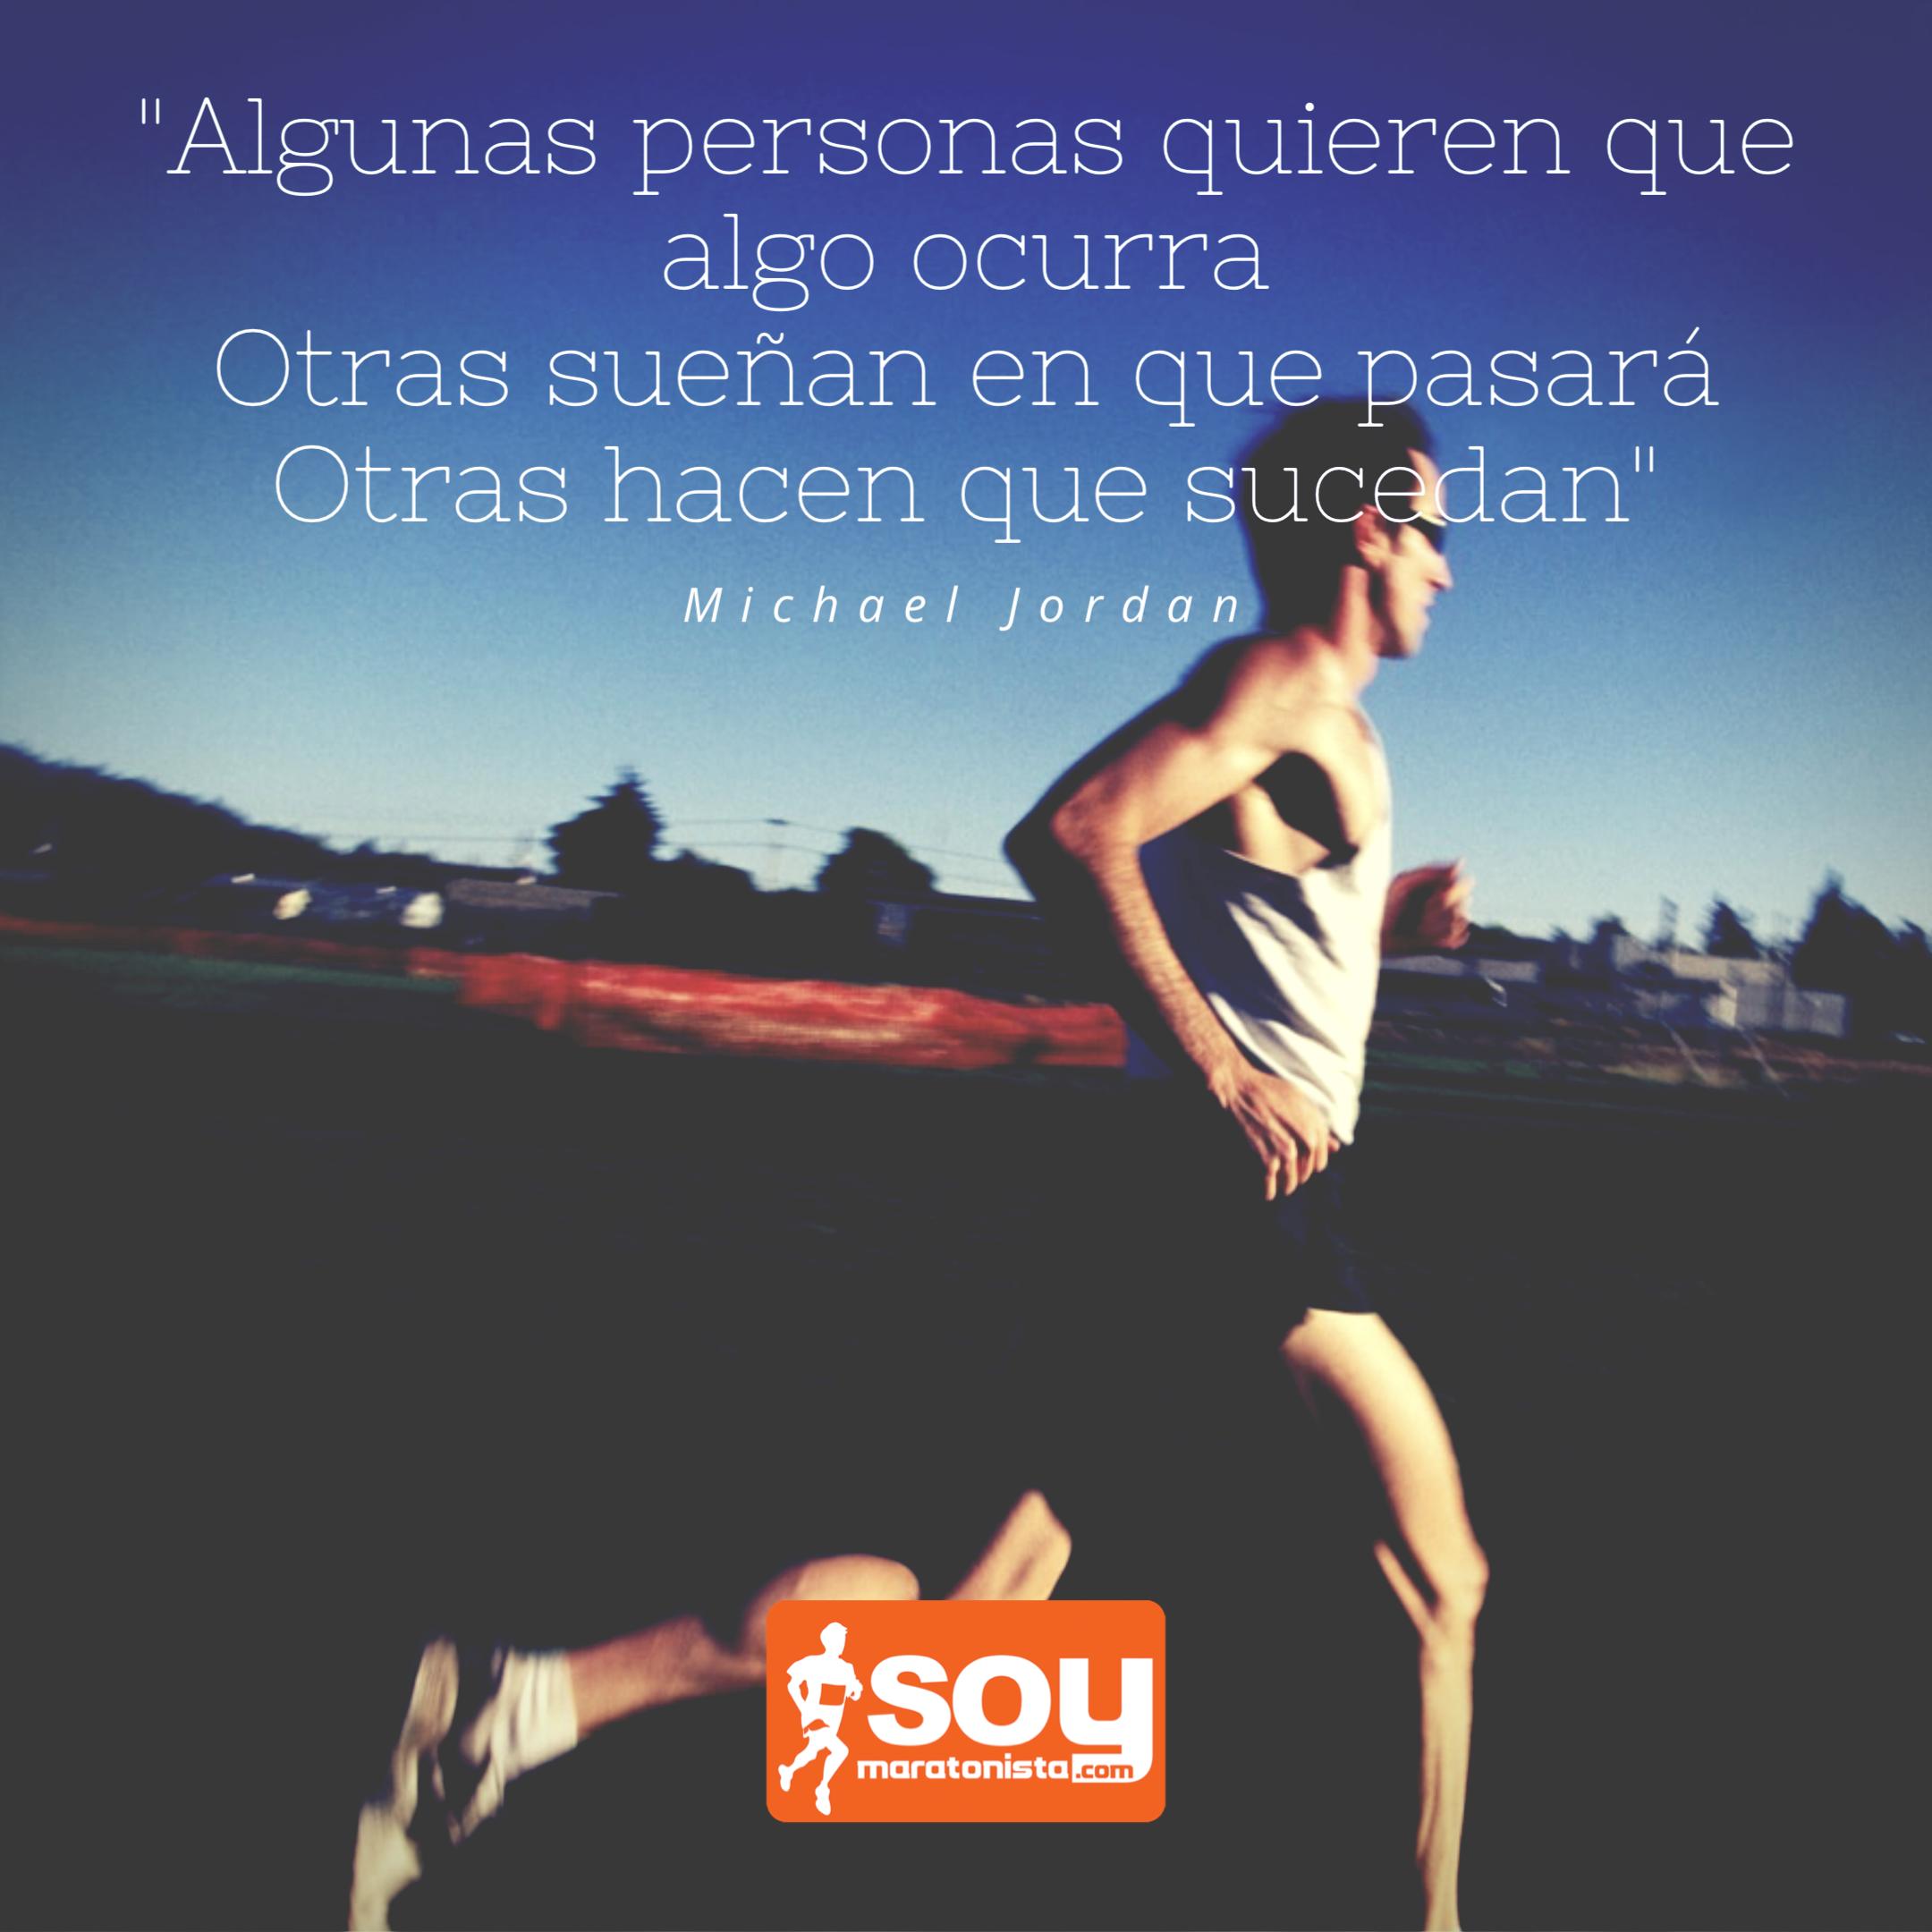 Frases Para Corredores Que Quieren Estar Motivados Running Frases Para Corredores Atletismo Frases Frases De Correr